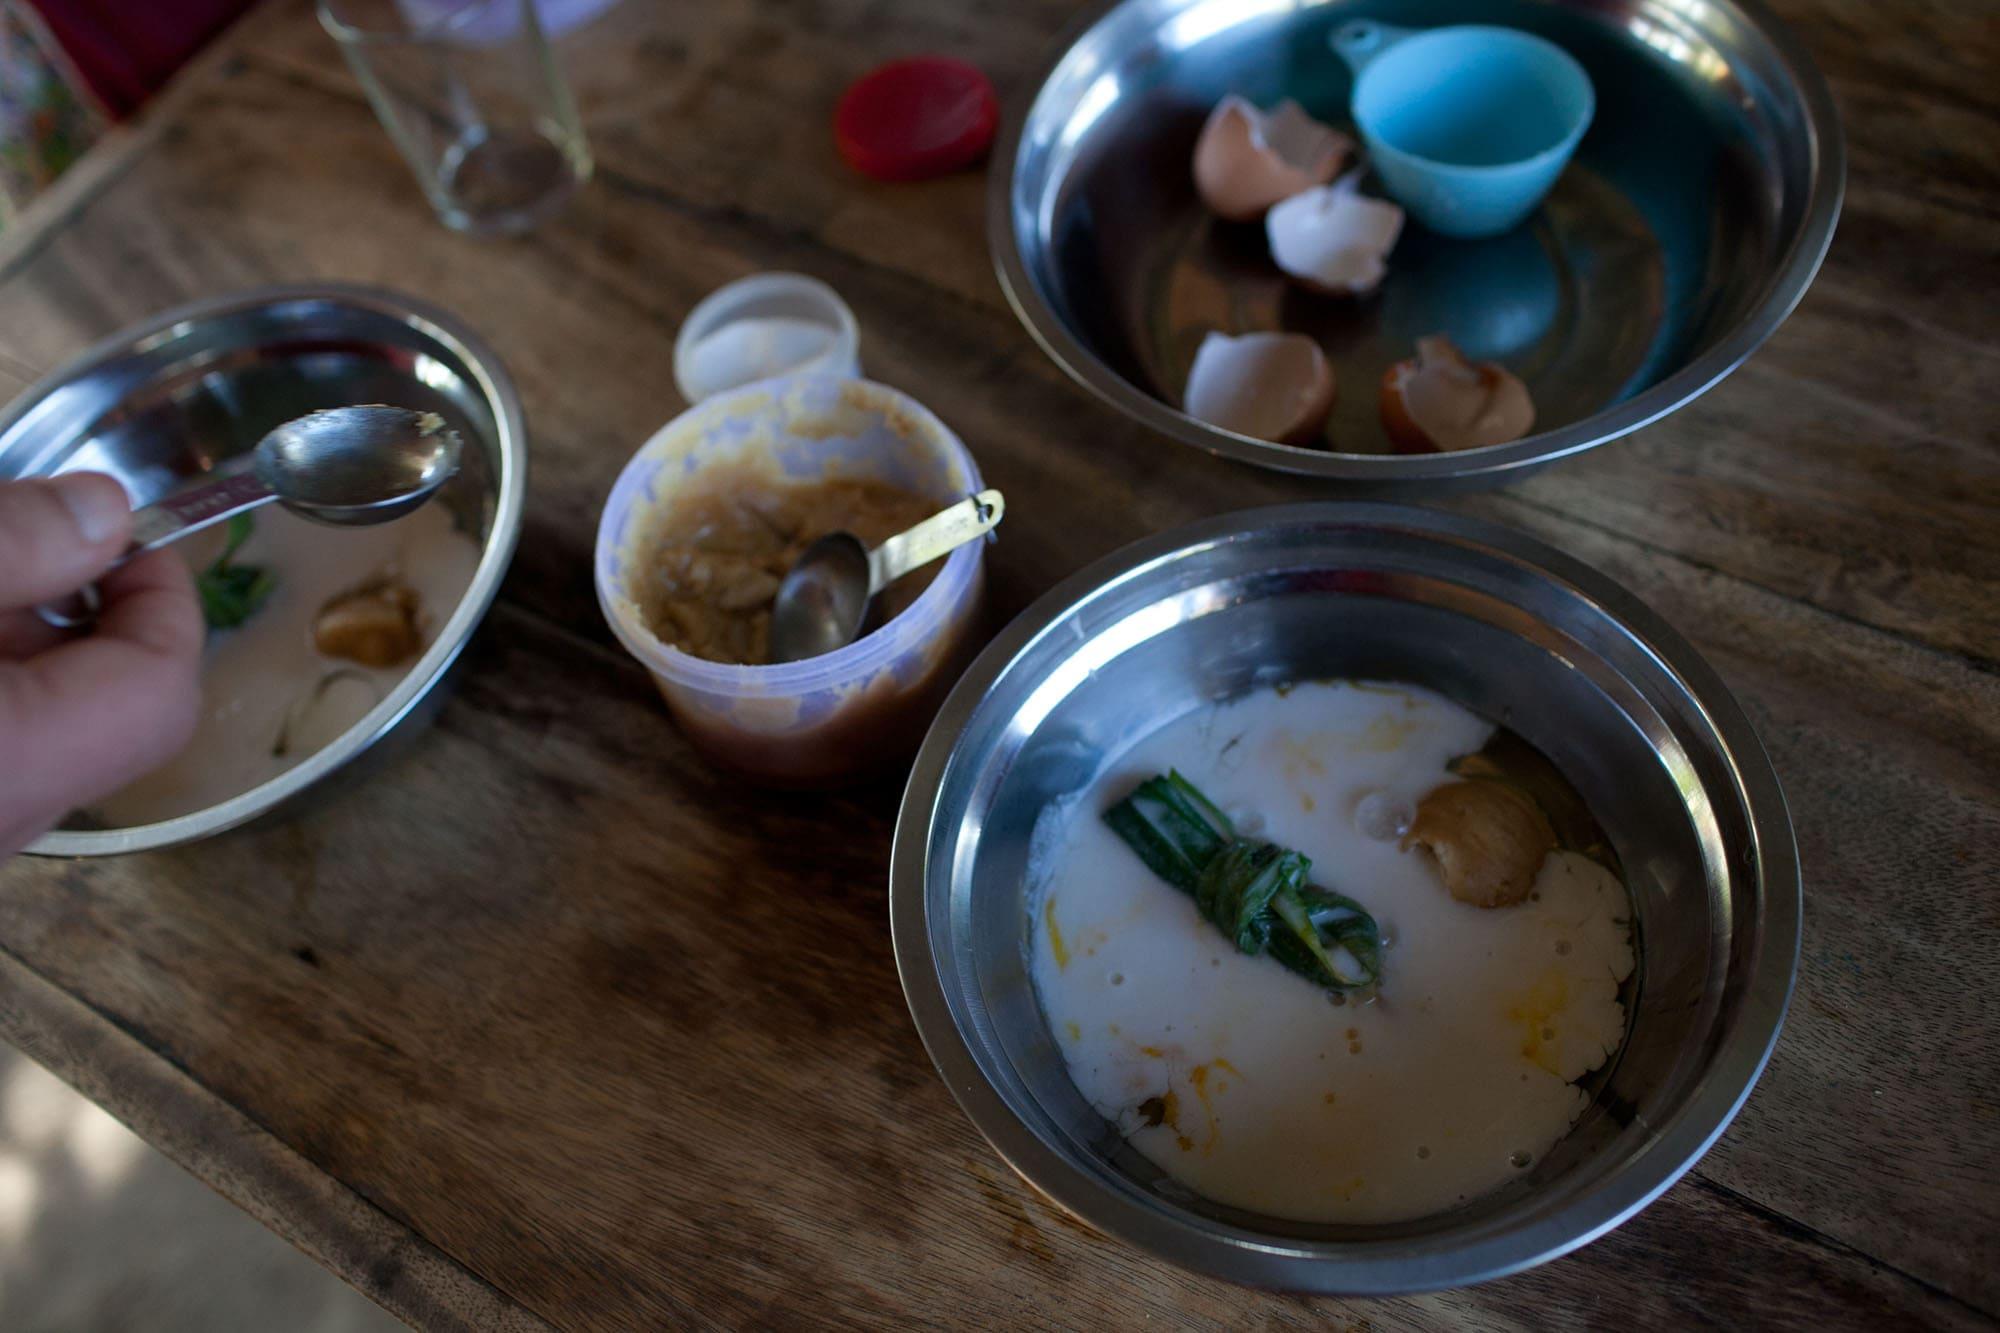 Making Pumpkin Custard at Sammy's Organic Thai Cooking School in Chiang Mai, Thailand.